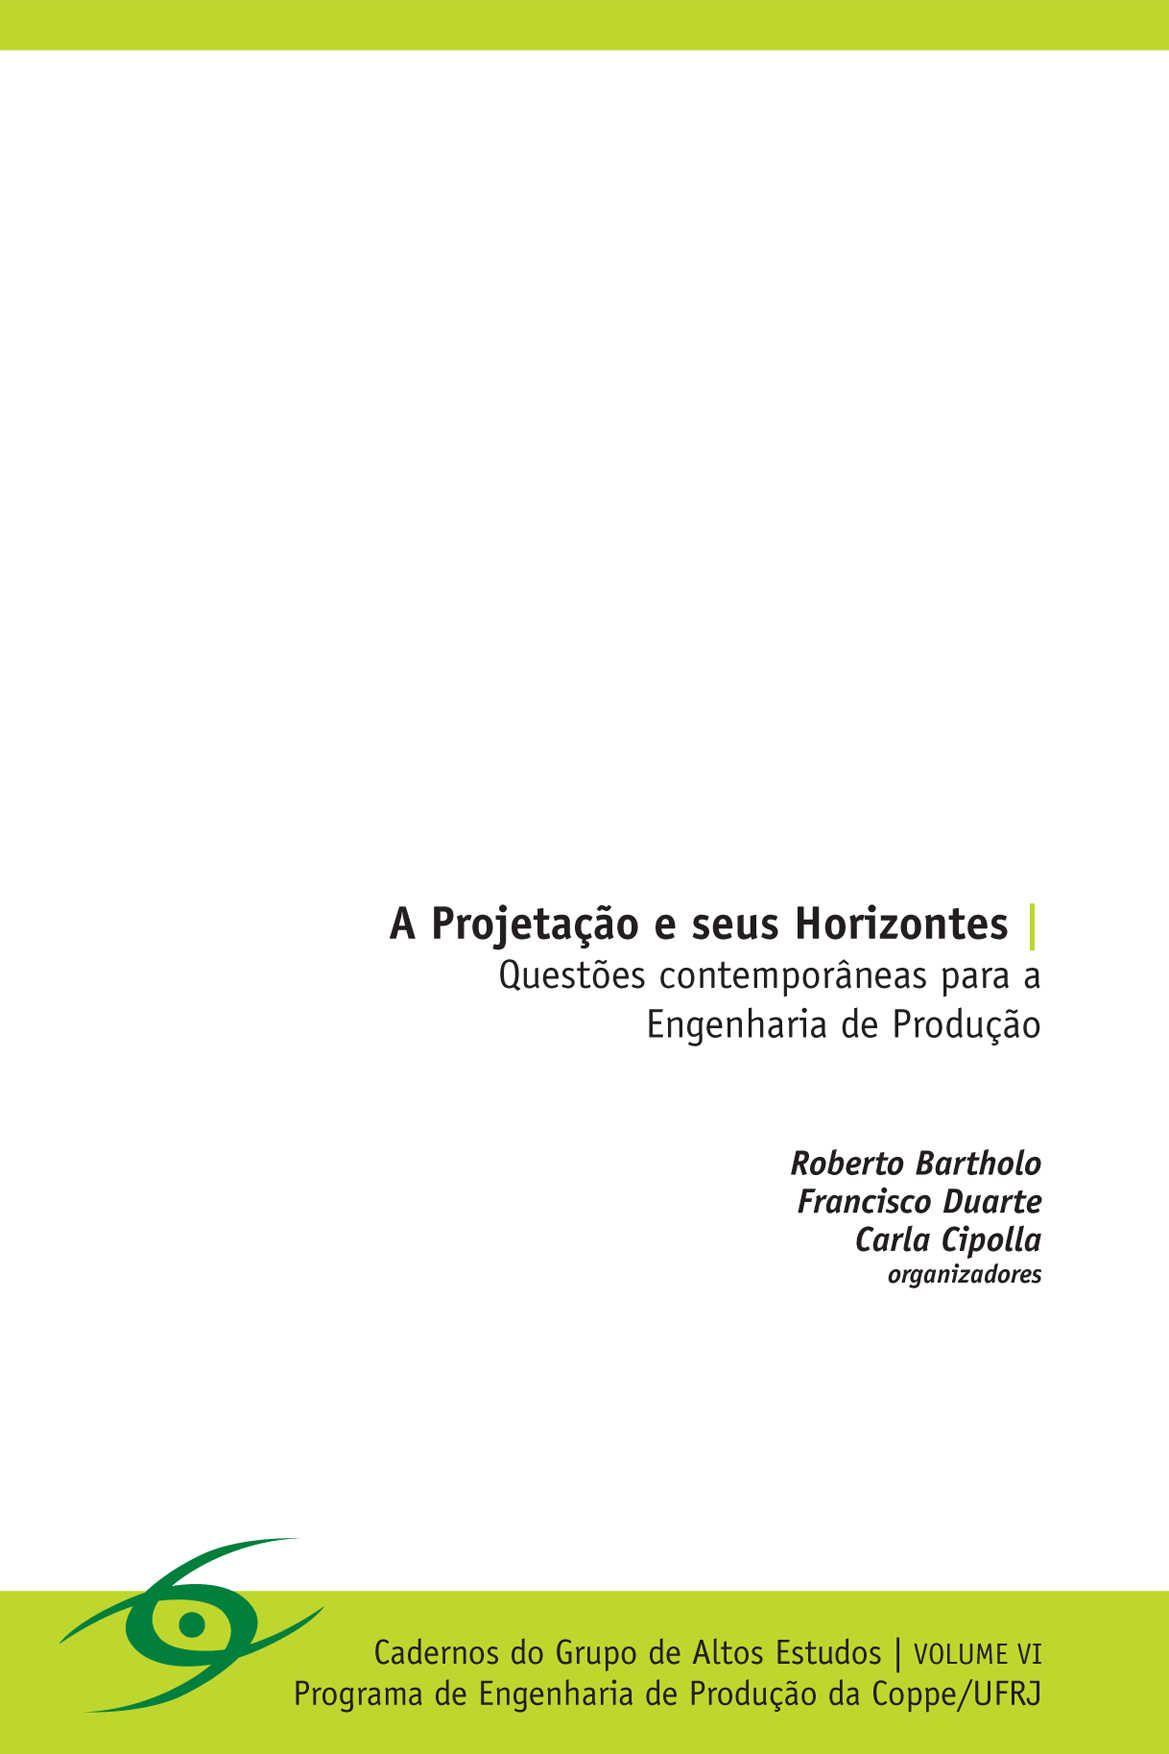 A Projetação e seus Horizontes: Questões contemporâneas para a Engenharia de Produção